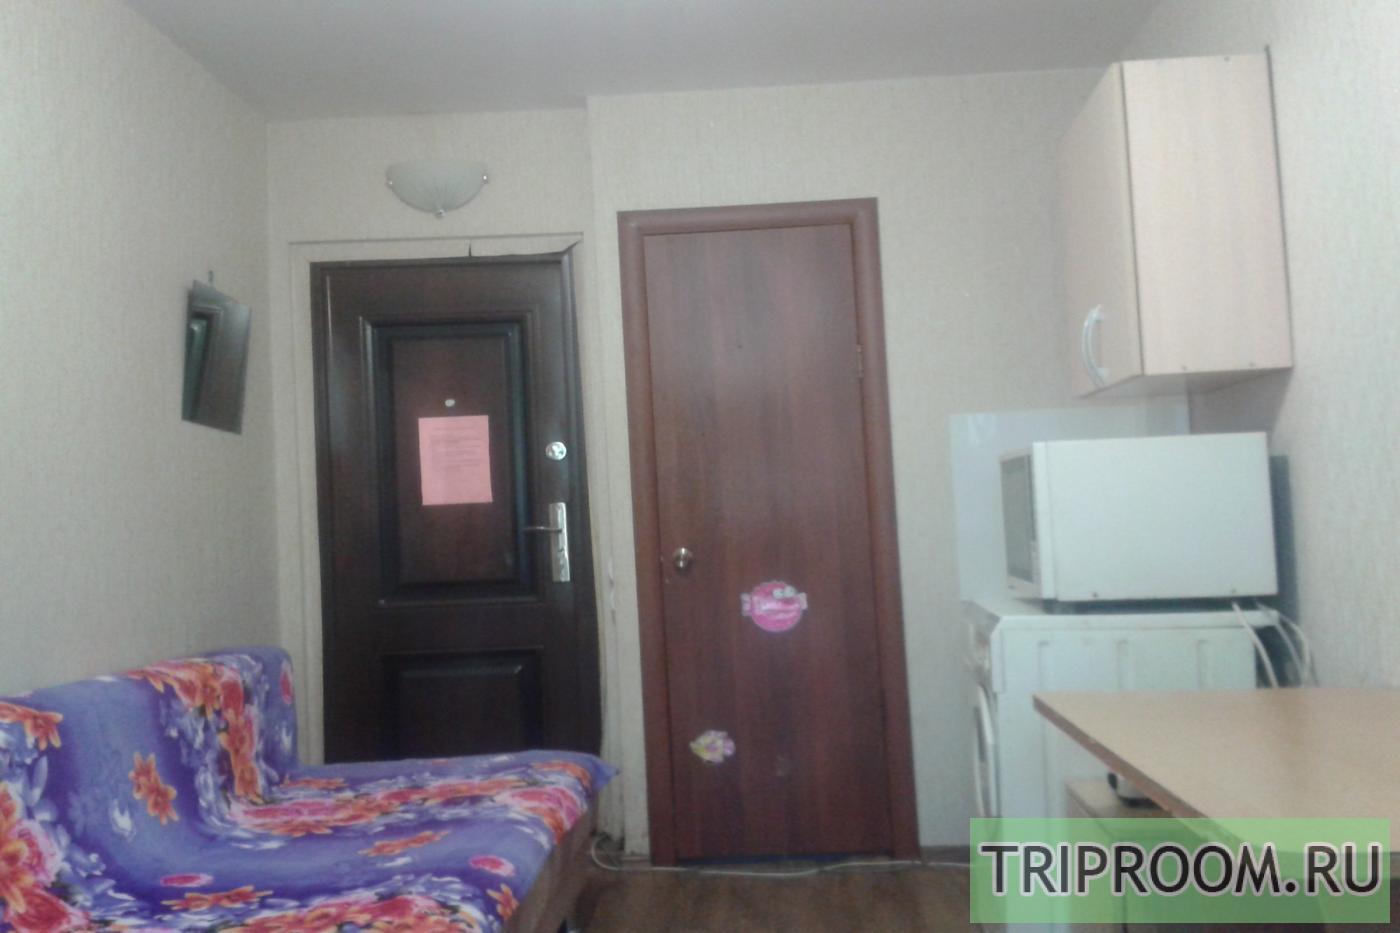 1-комнатная квартира посуточно (вариант № 13256), ул. Металлургов улица, фото № 2